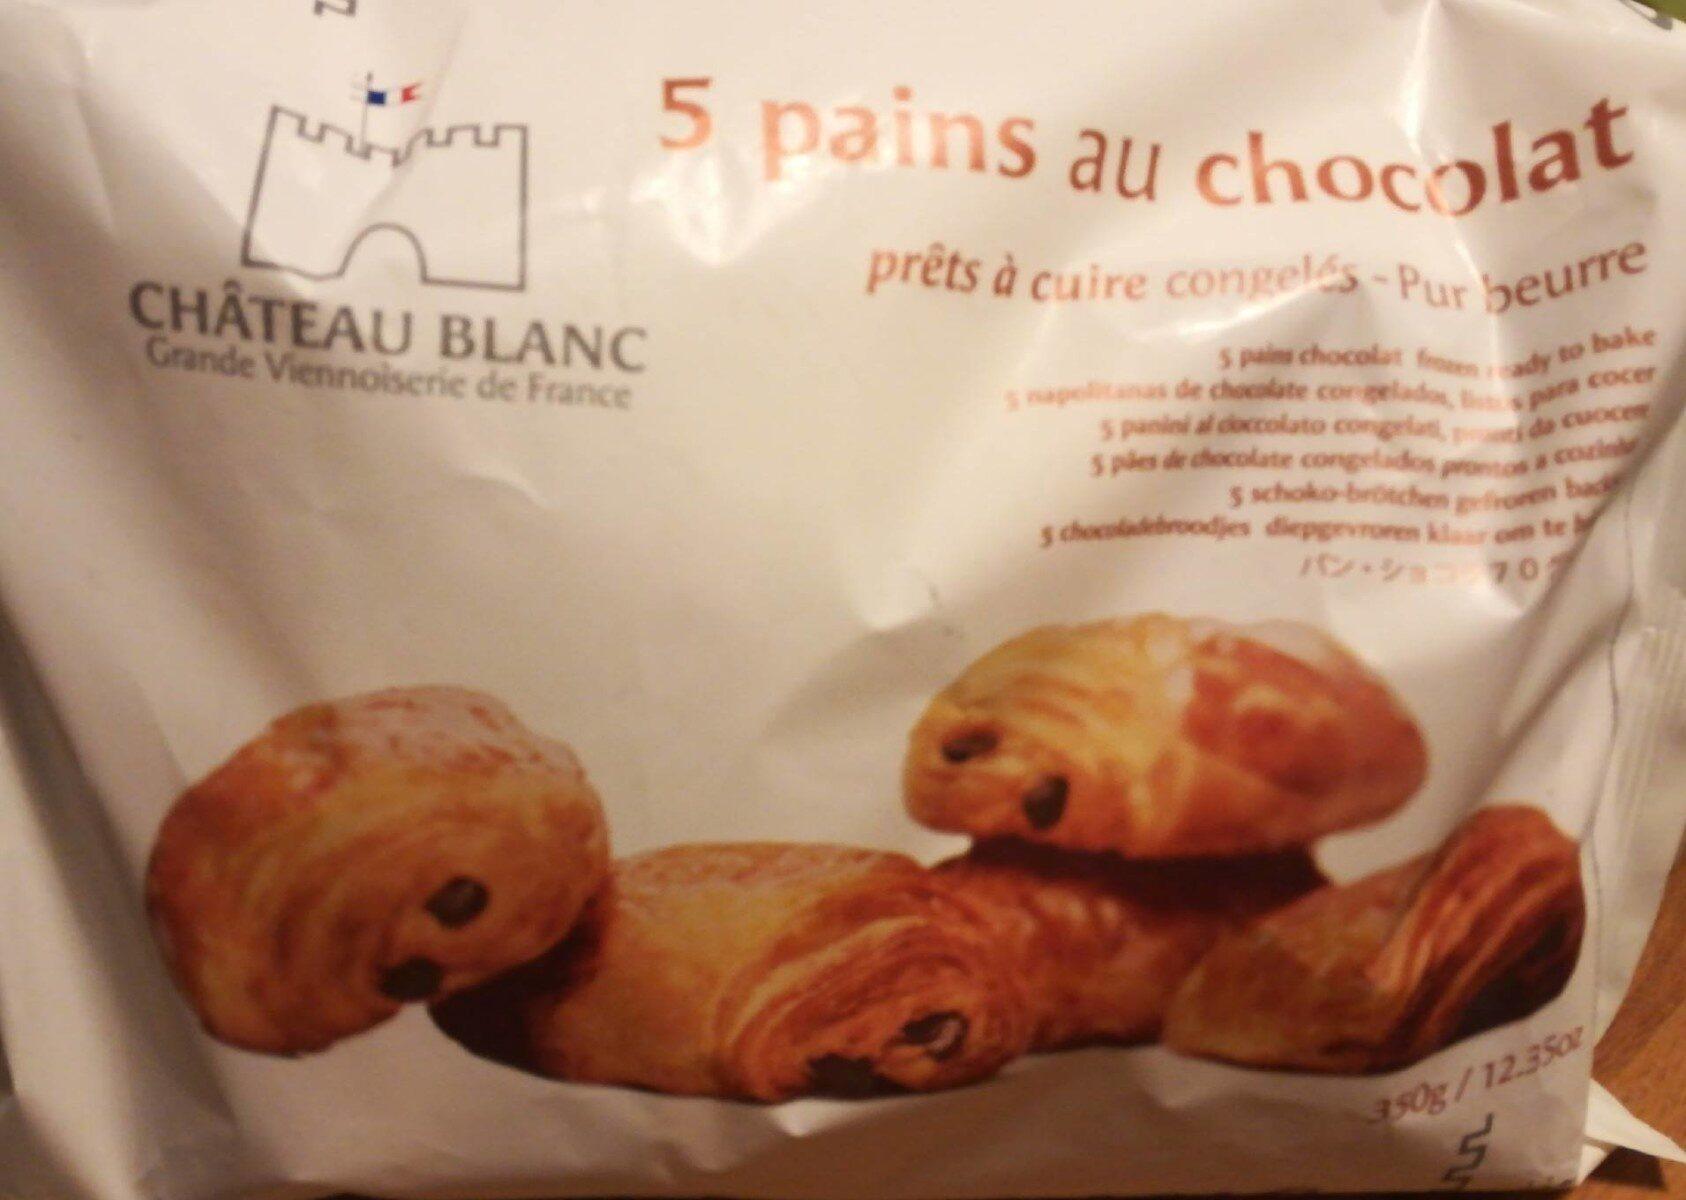 5 Pains au Chocolat Prêts à Cuire Congelés - Product - fr